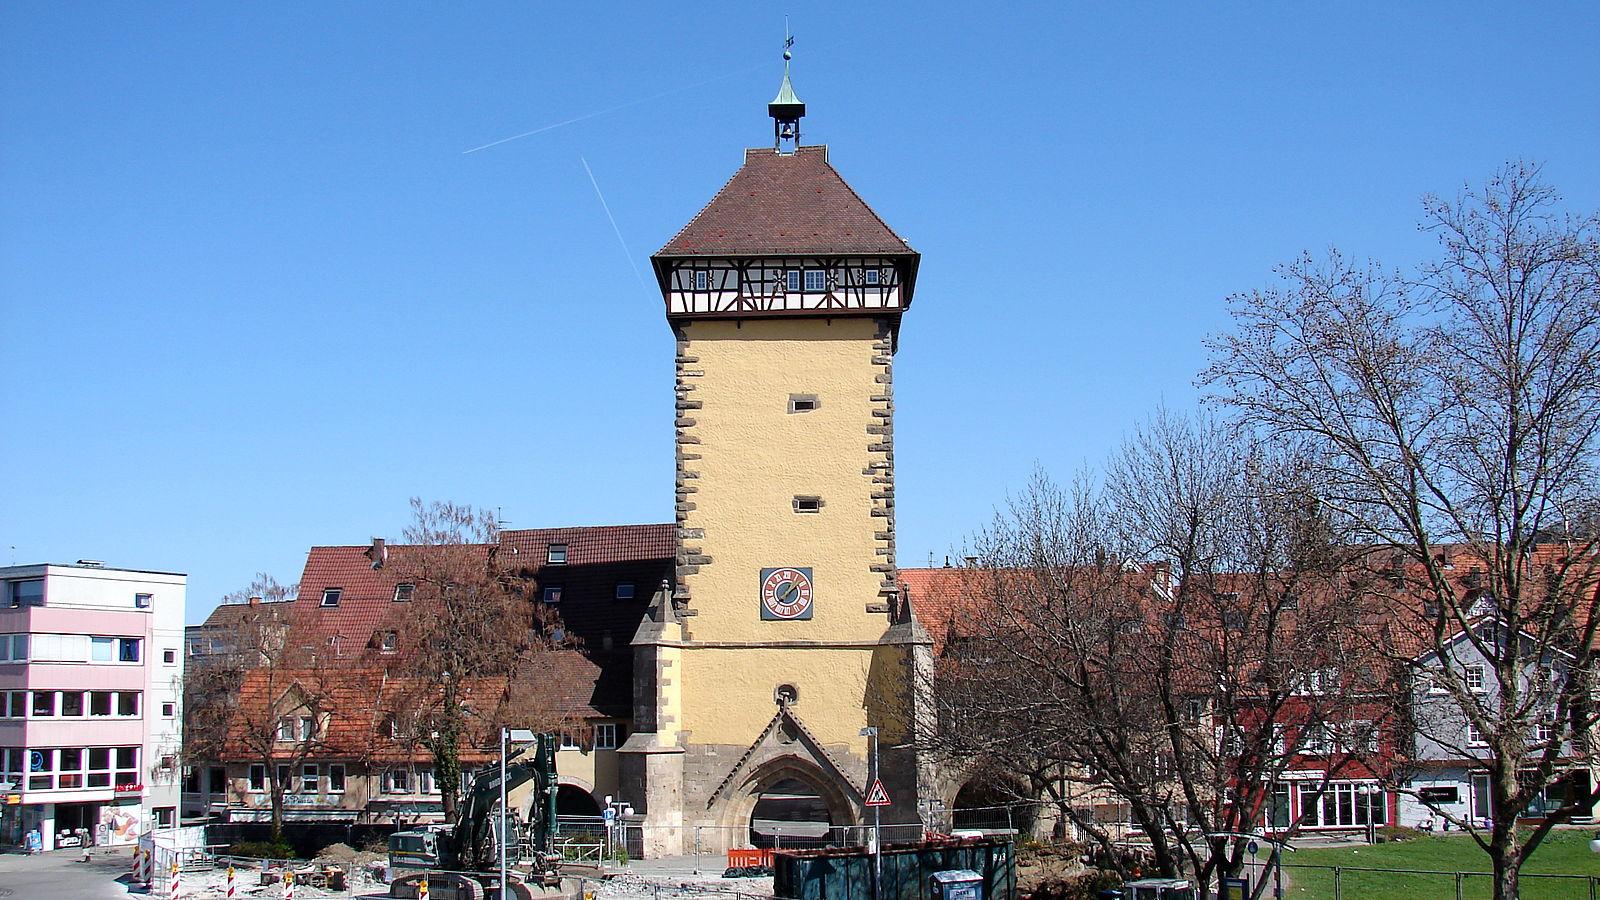 BRD under attack – Terror und Panik: München, Würzburg, Ansbach, Reutlingen - Seite 2 1600px-Reutlingen_T%C3%BCbinger_Tor_2012-04